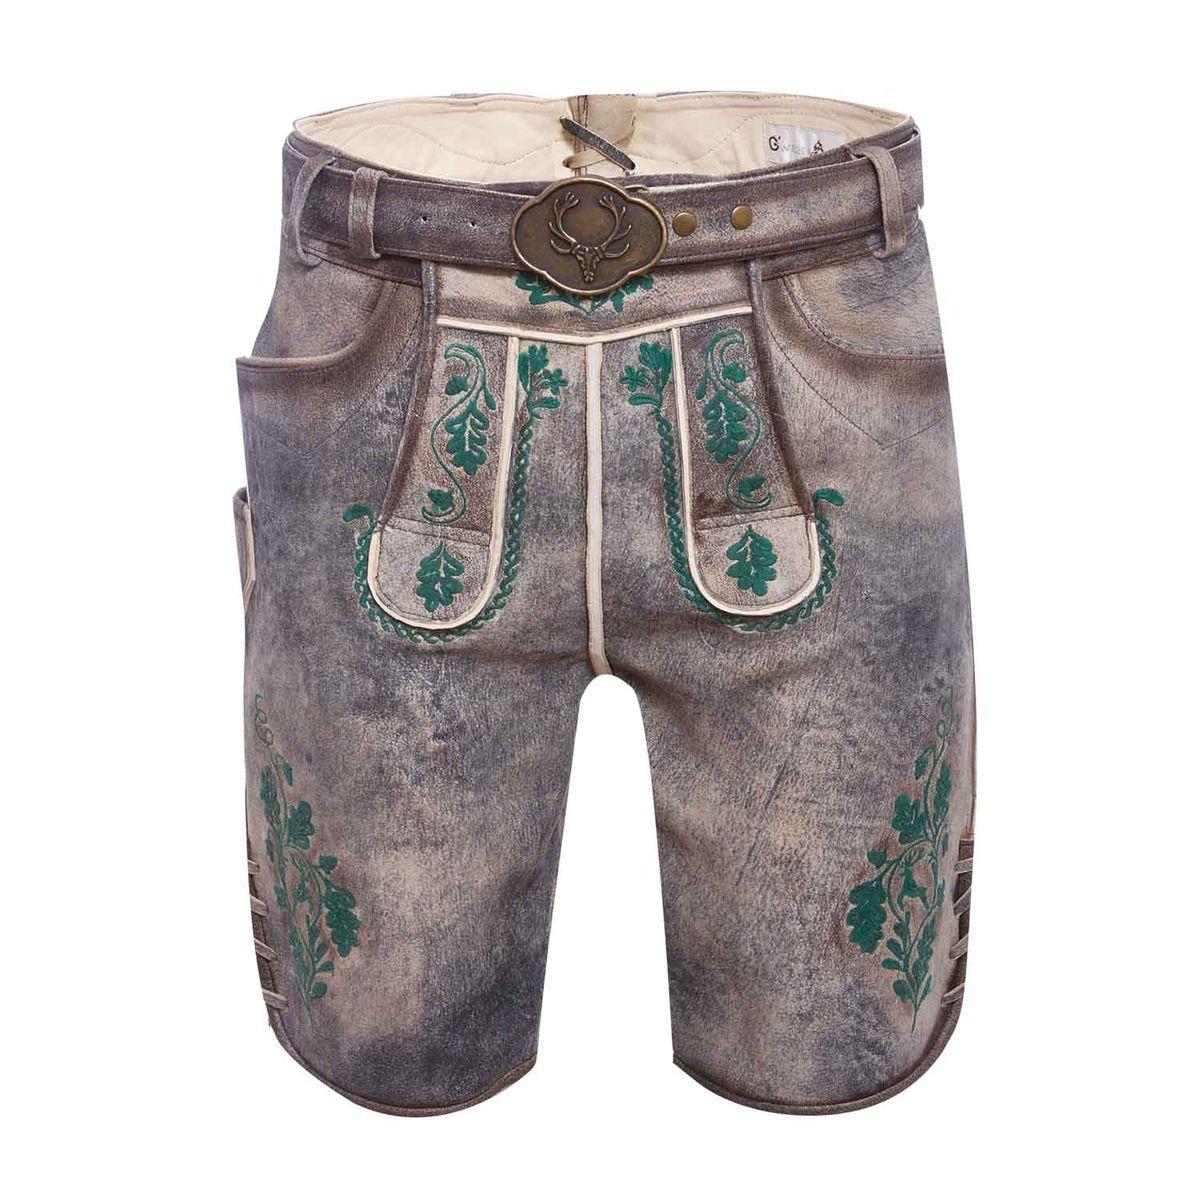 Kurze Lederhose Vincent in Grau von Gweih und Silk günstig online kaufen